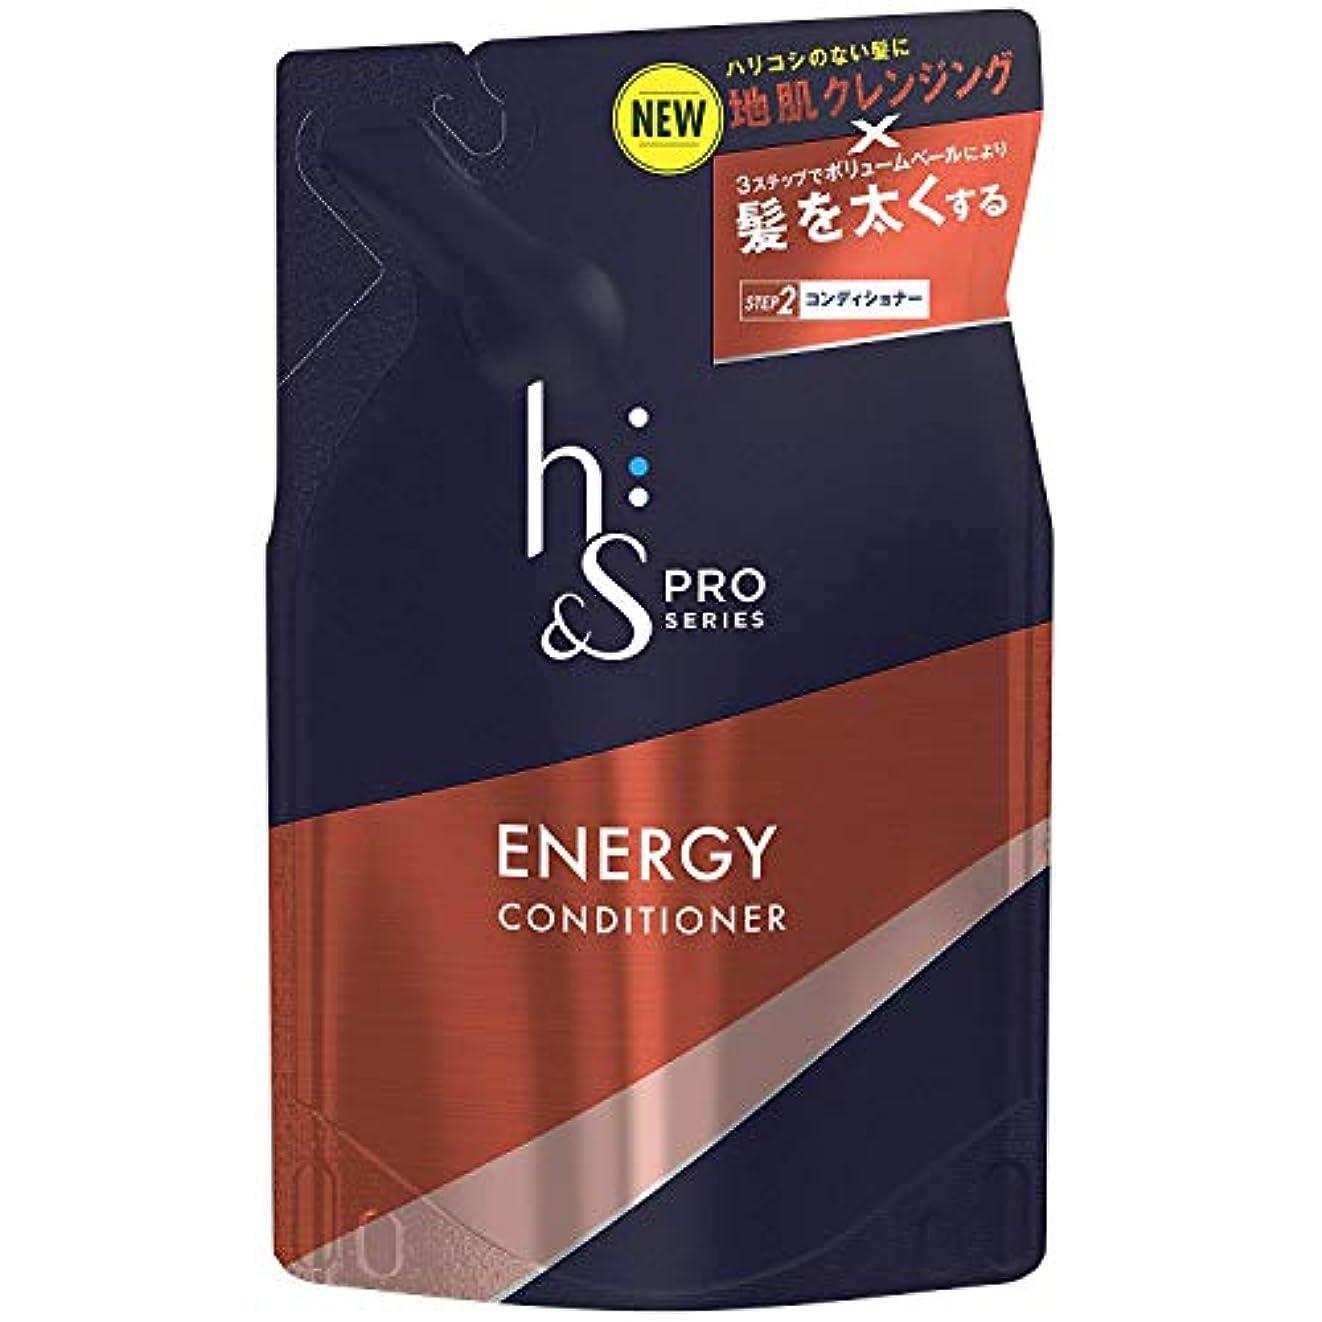 【3個セット】h&s PRO (エイチアンドエス プロ) メンズ コンディショナー エナジー 詰め替え (ボリューム重視) 300g